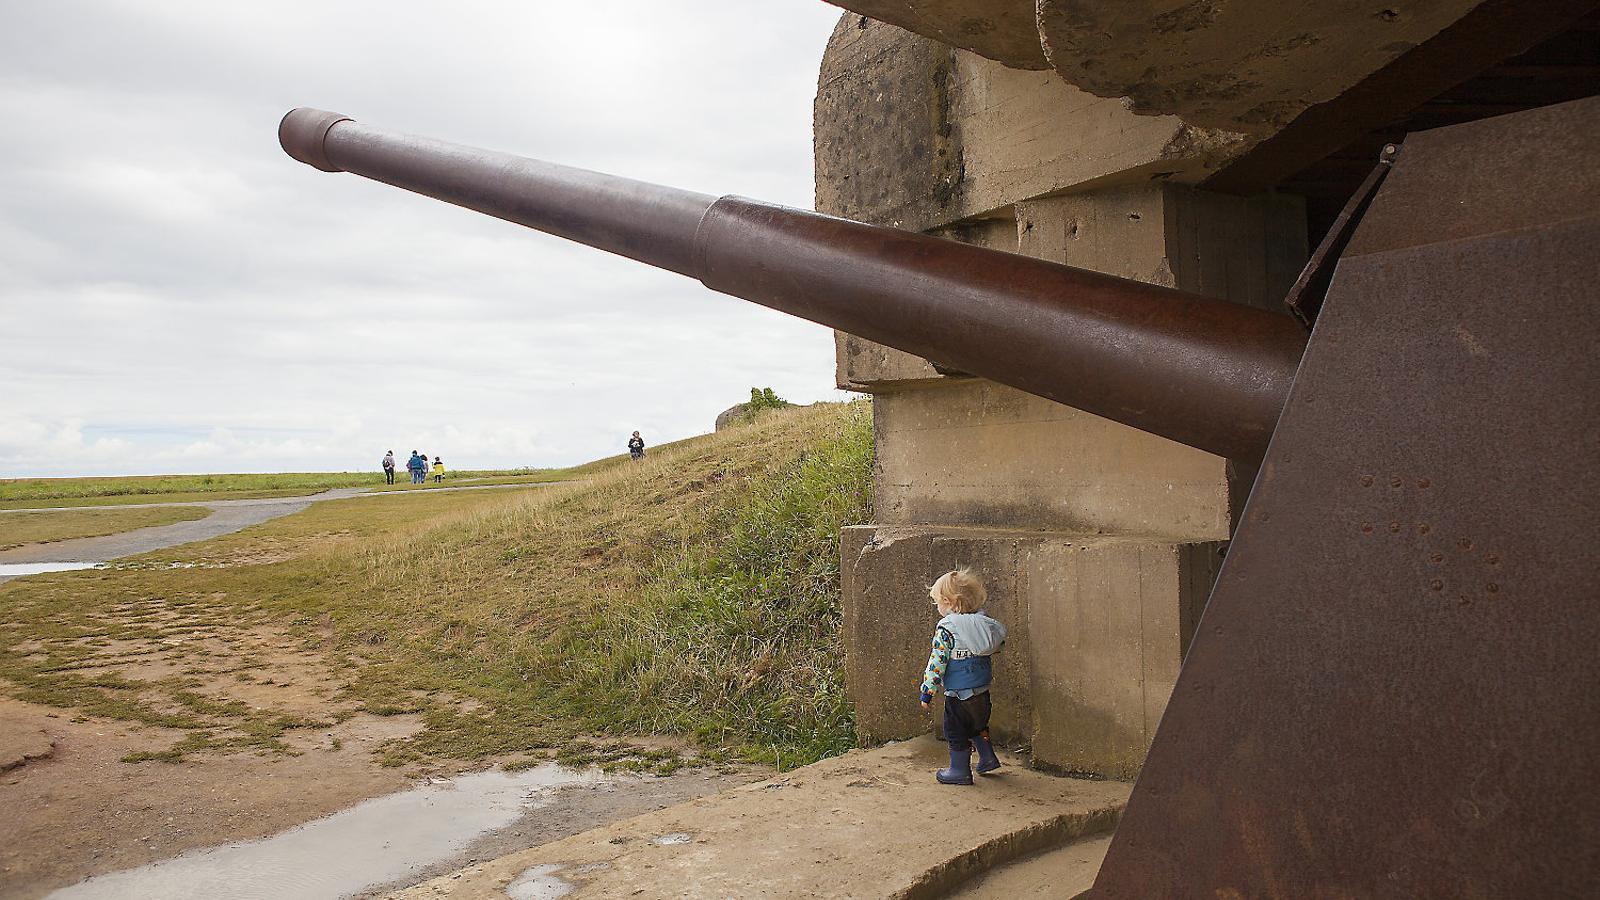 Normandia: Tot preparat per al 75è aniversari del dia D